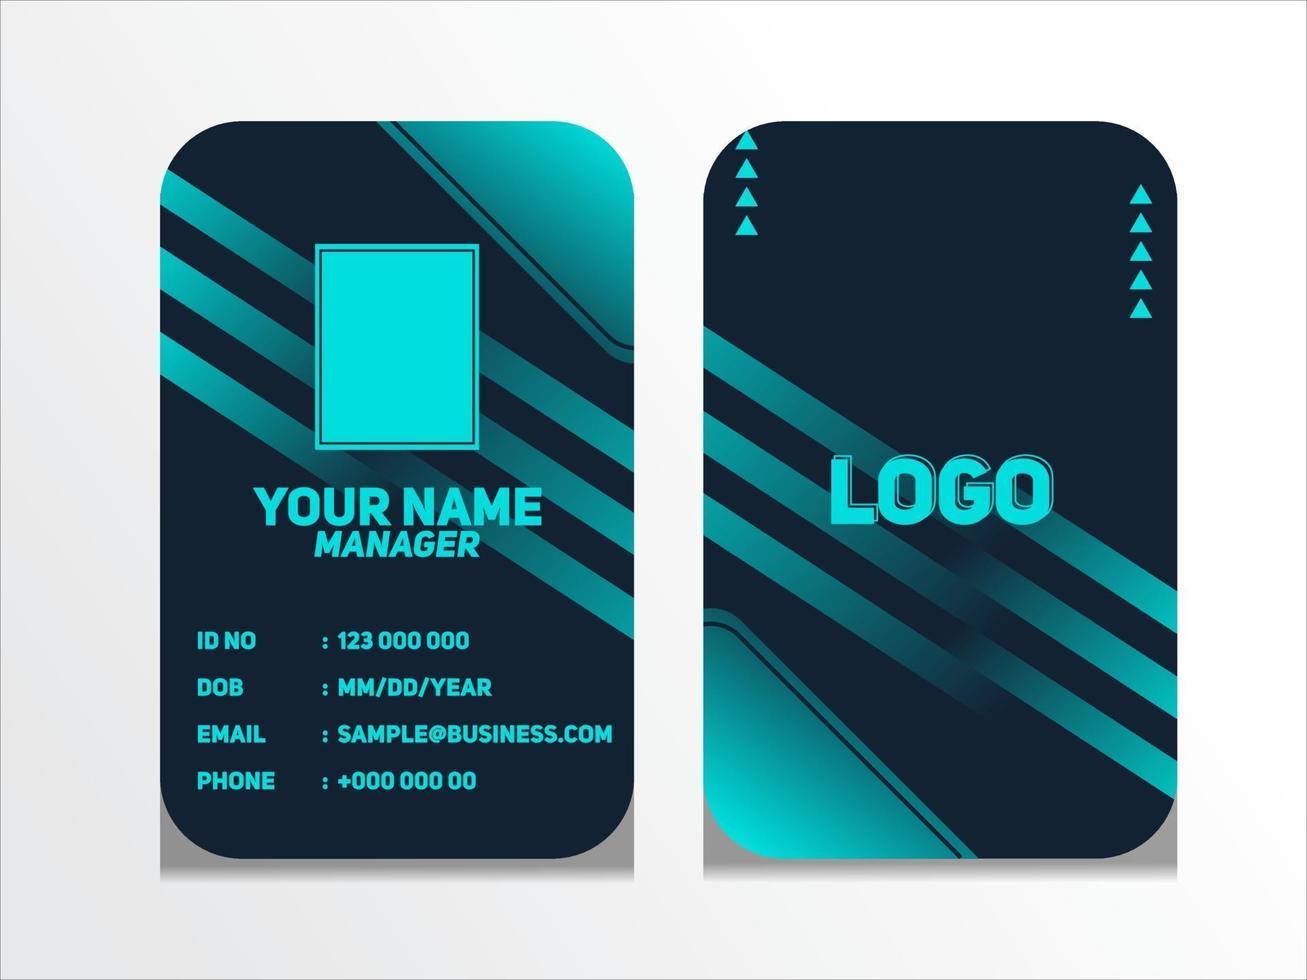 eenvoudige abstracte geometrische identiteitskaart ontwerp professionele identiteitskaart sjabloon vector voor werknemer en anderen